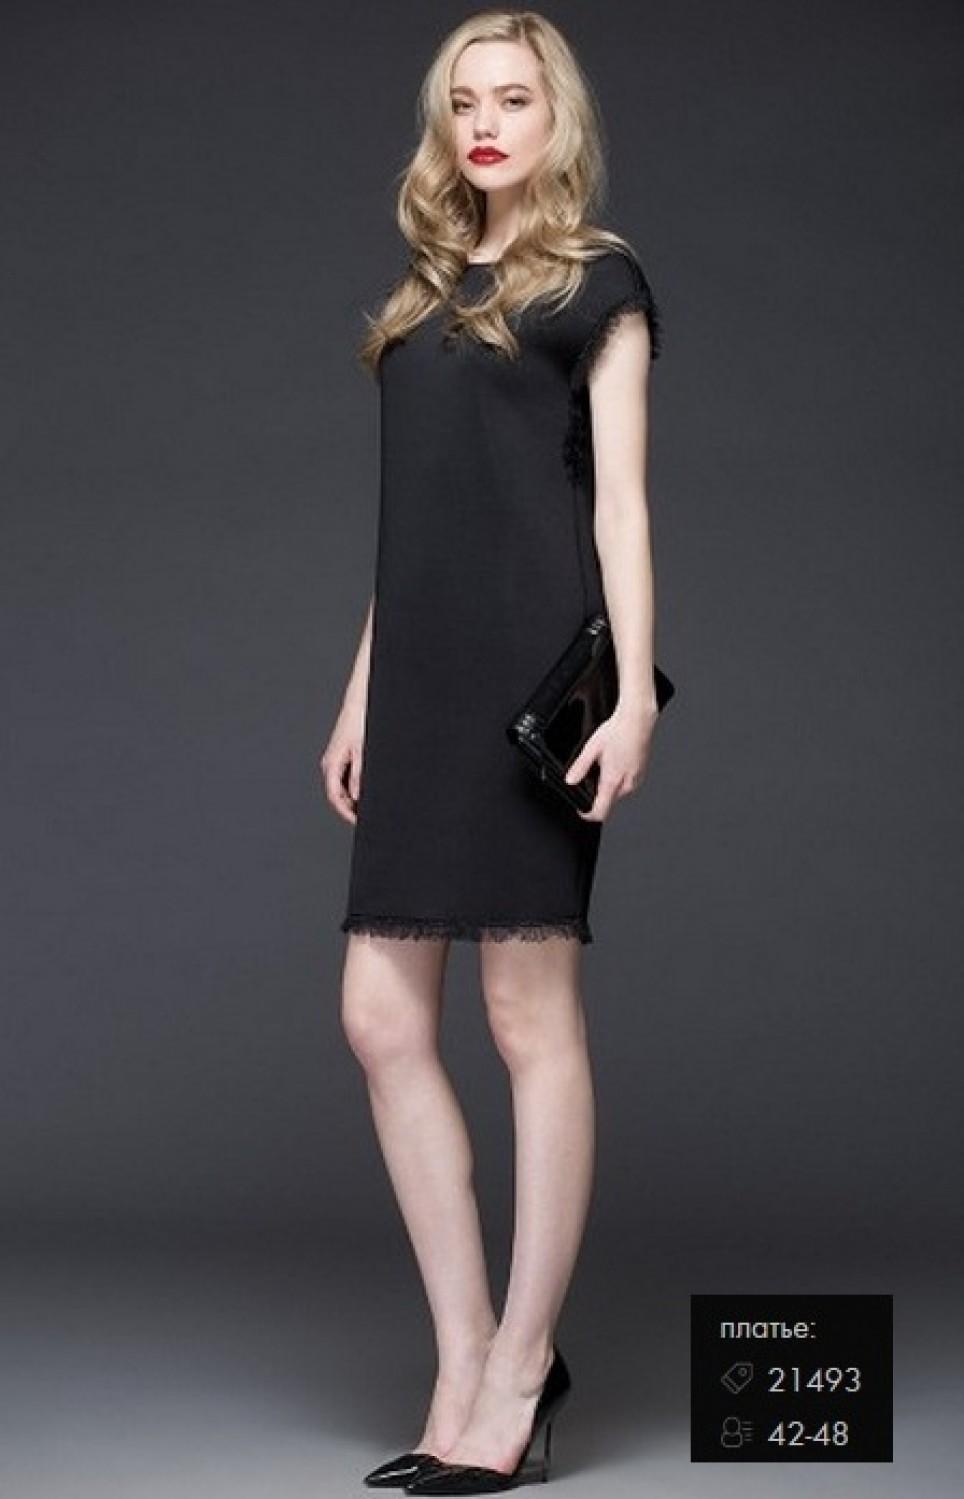 Данетти интернет магазин женской одежды доставка